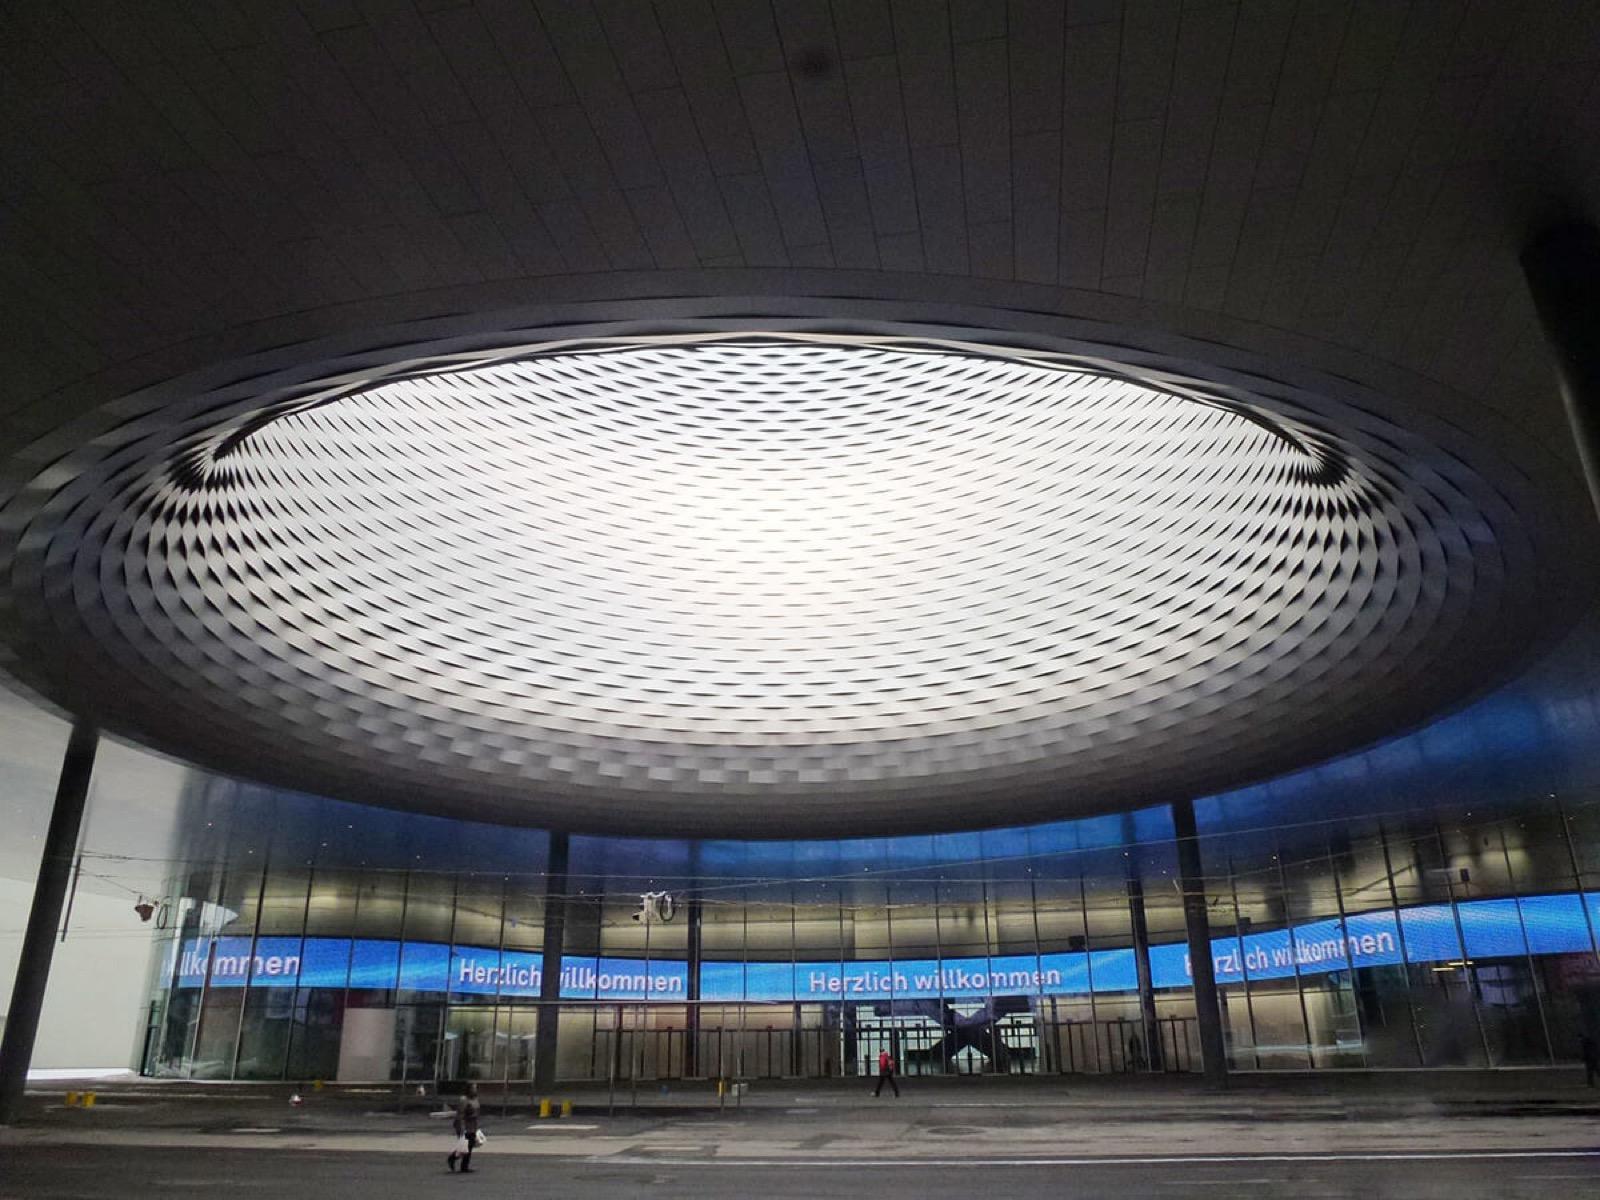 El nuevo aspecto de la Messeplatz al inaugurar Baselworld 2013